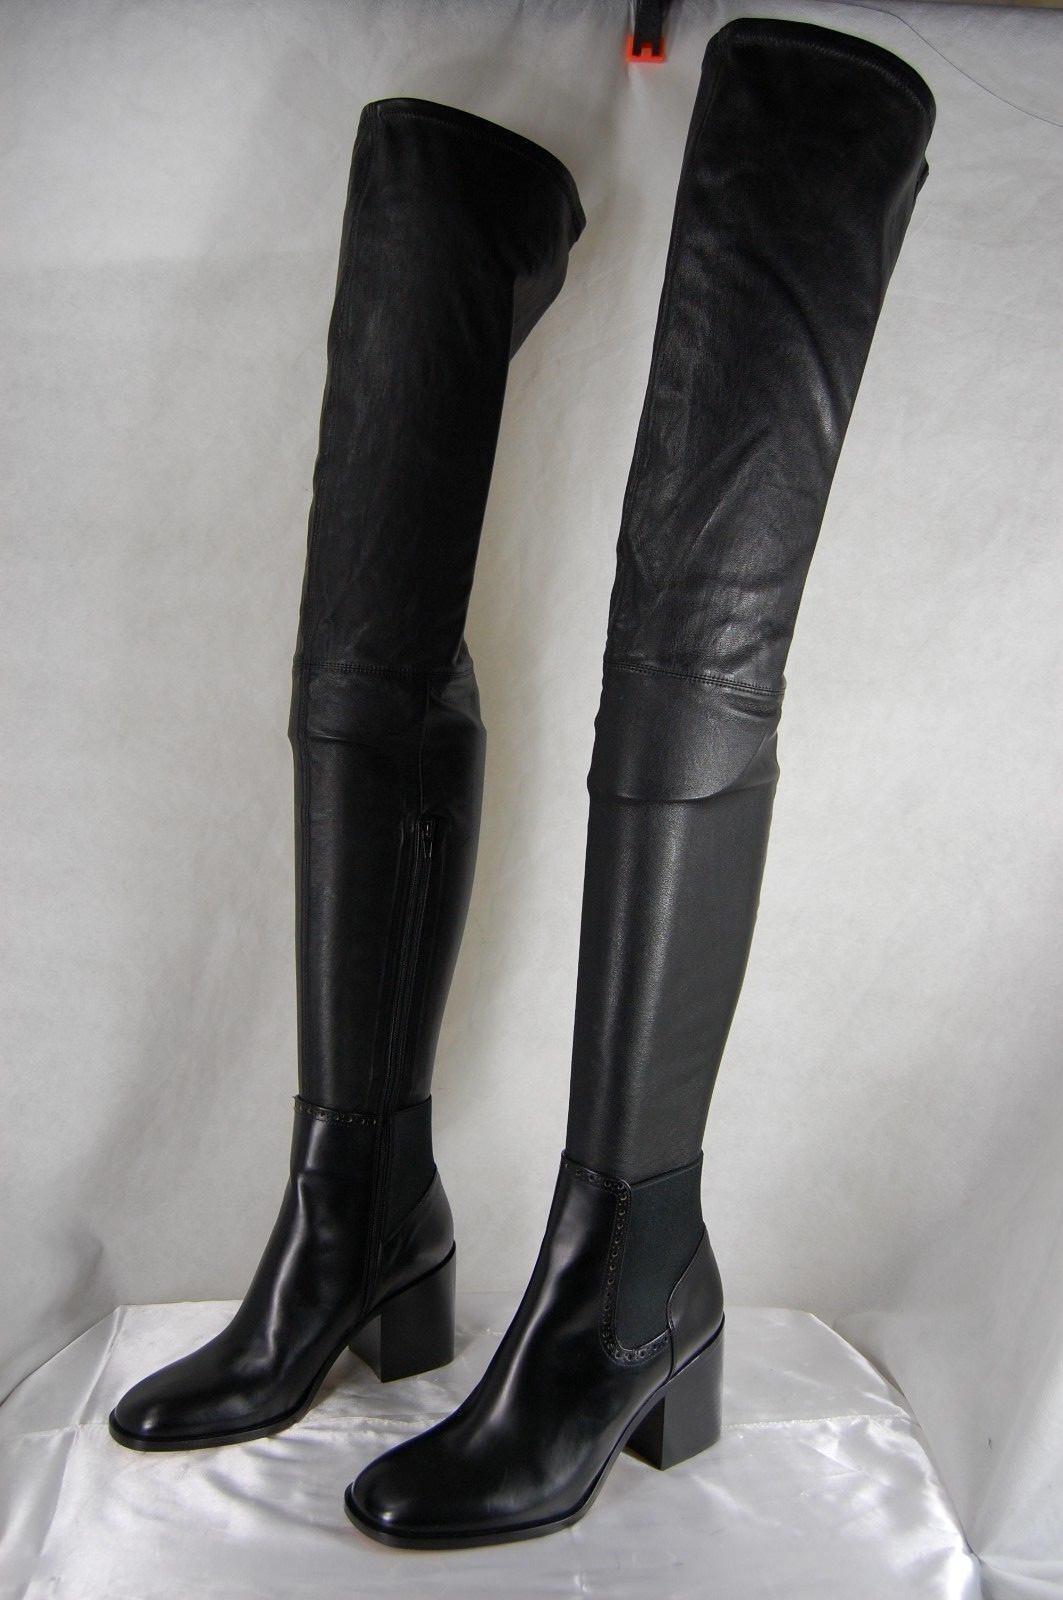 Super Sexy    Maison Martin Margiela Margiela Margiela Cuero Negro botas De Estiramiento EU 37 nos 7  Esperando por ti